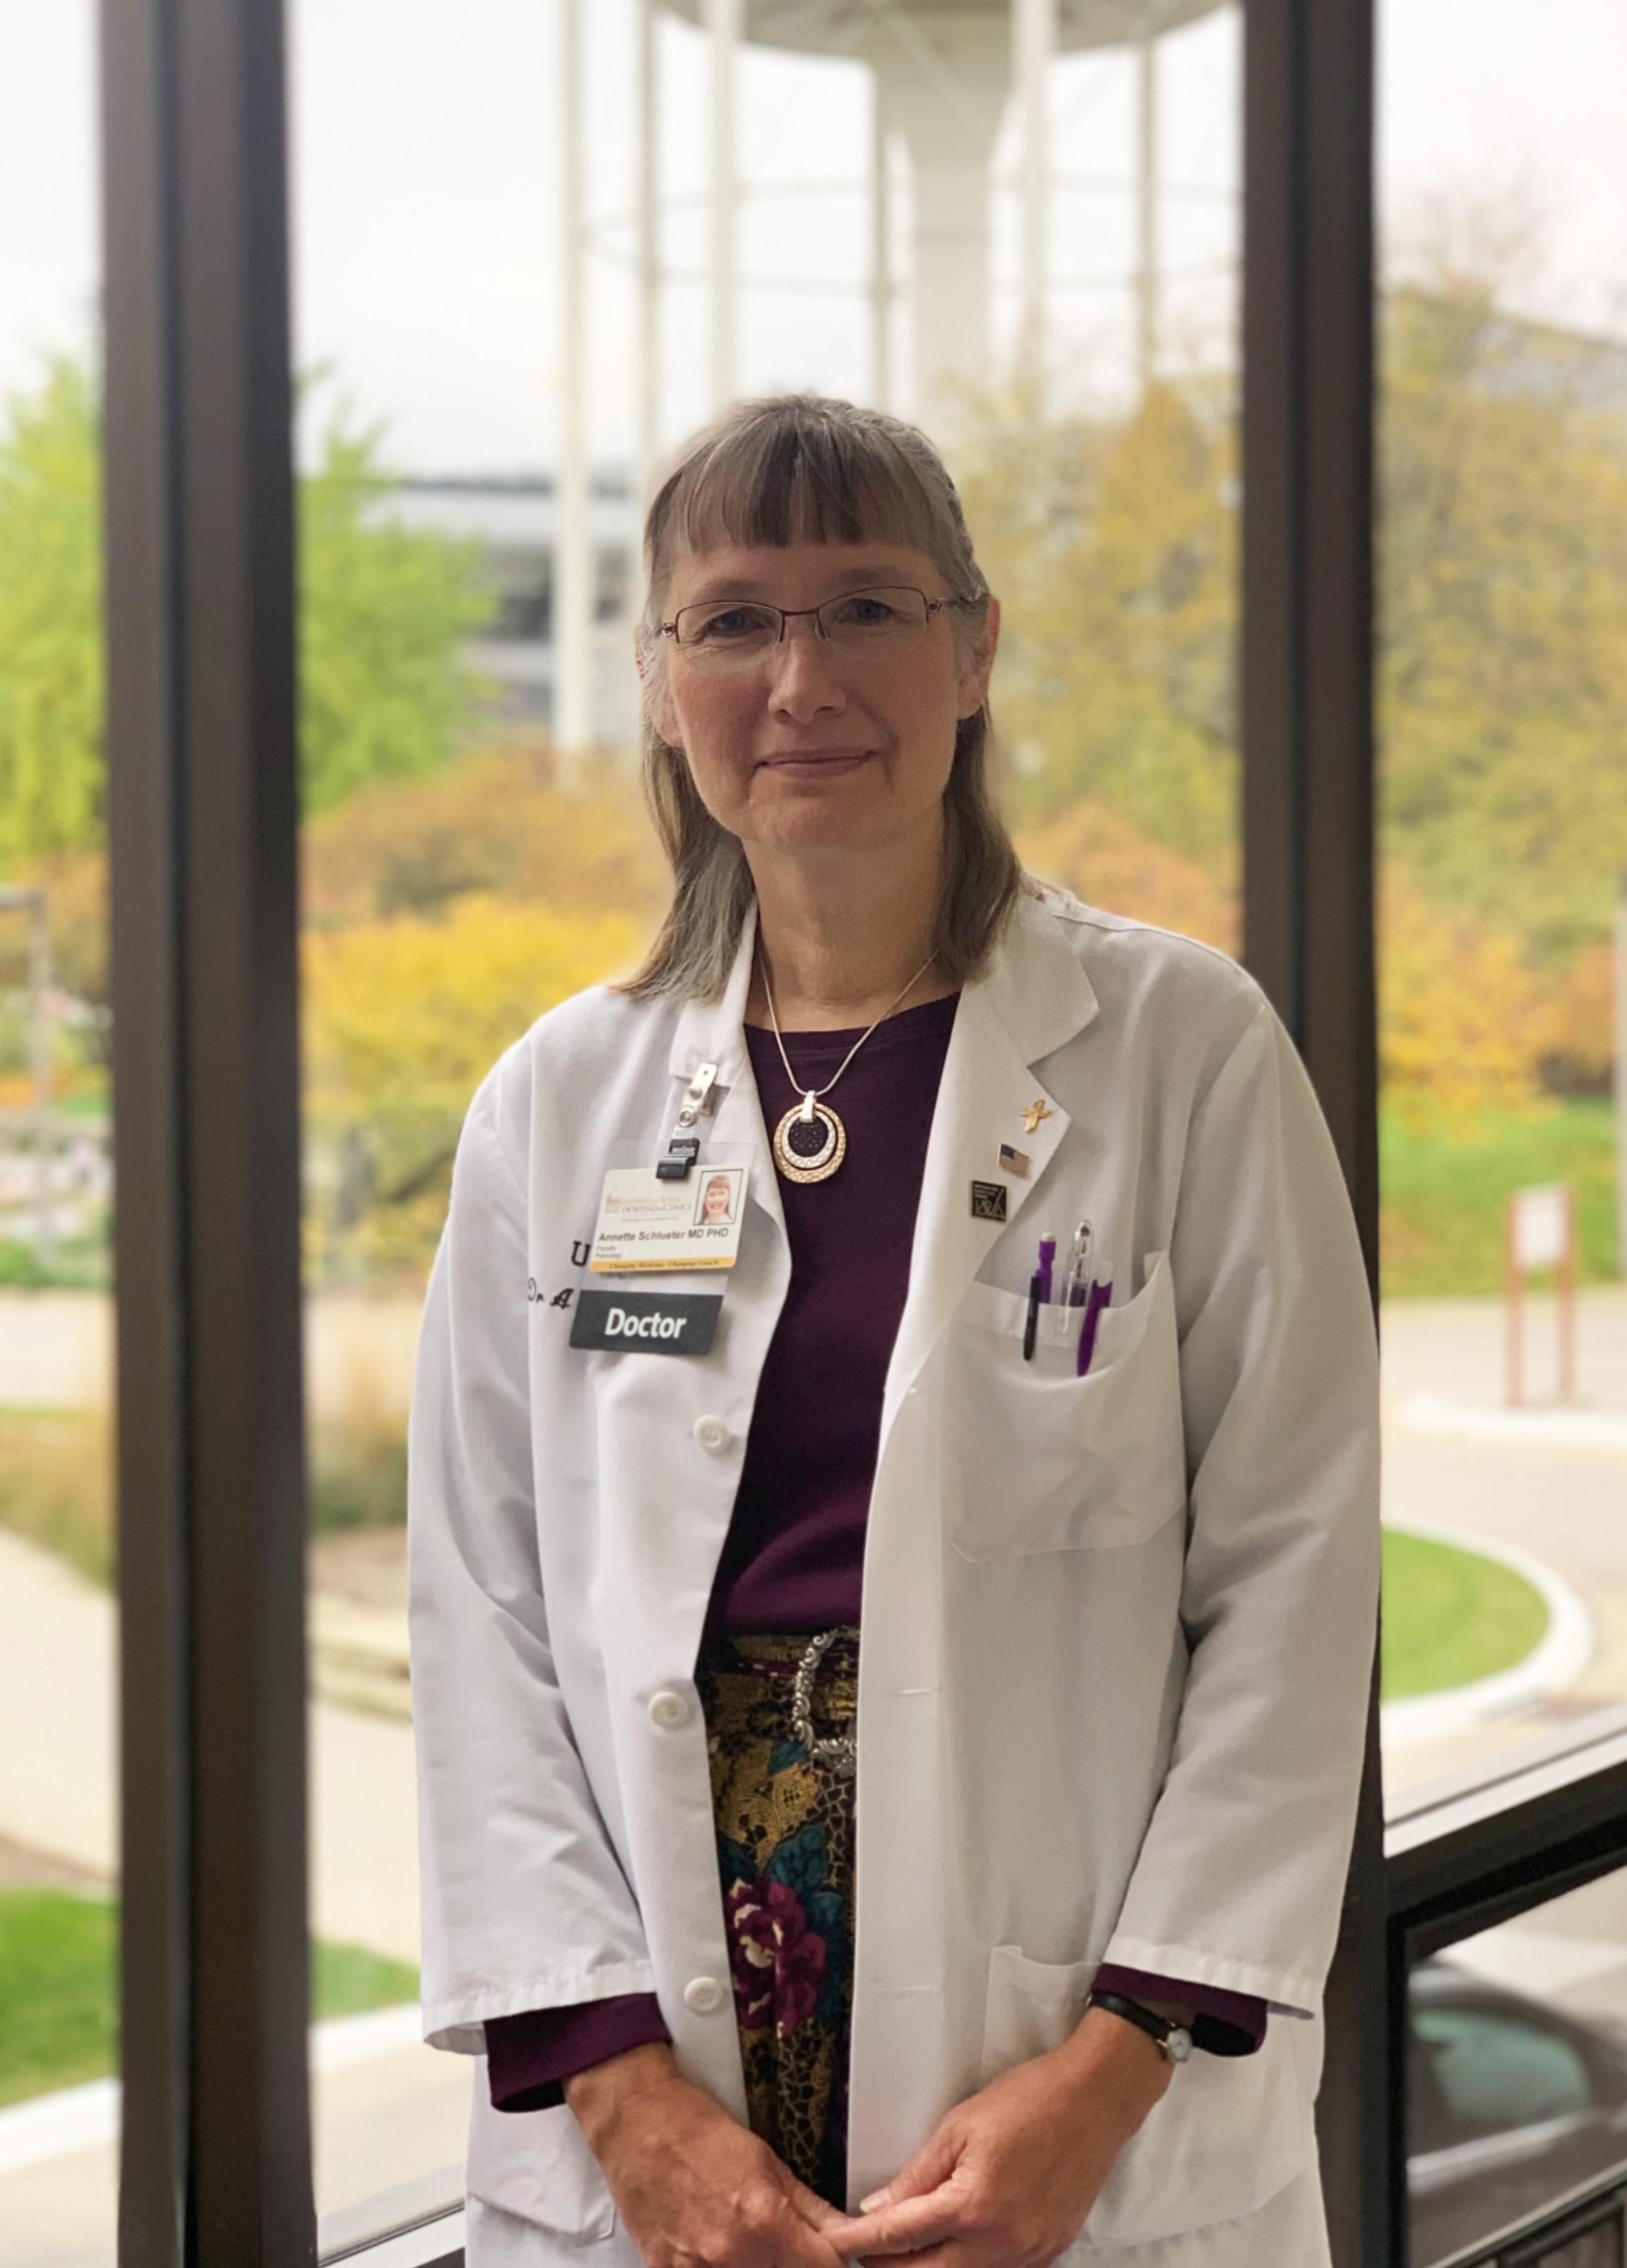 Annette Schlueter, MD, PhD